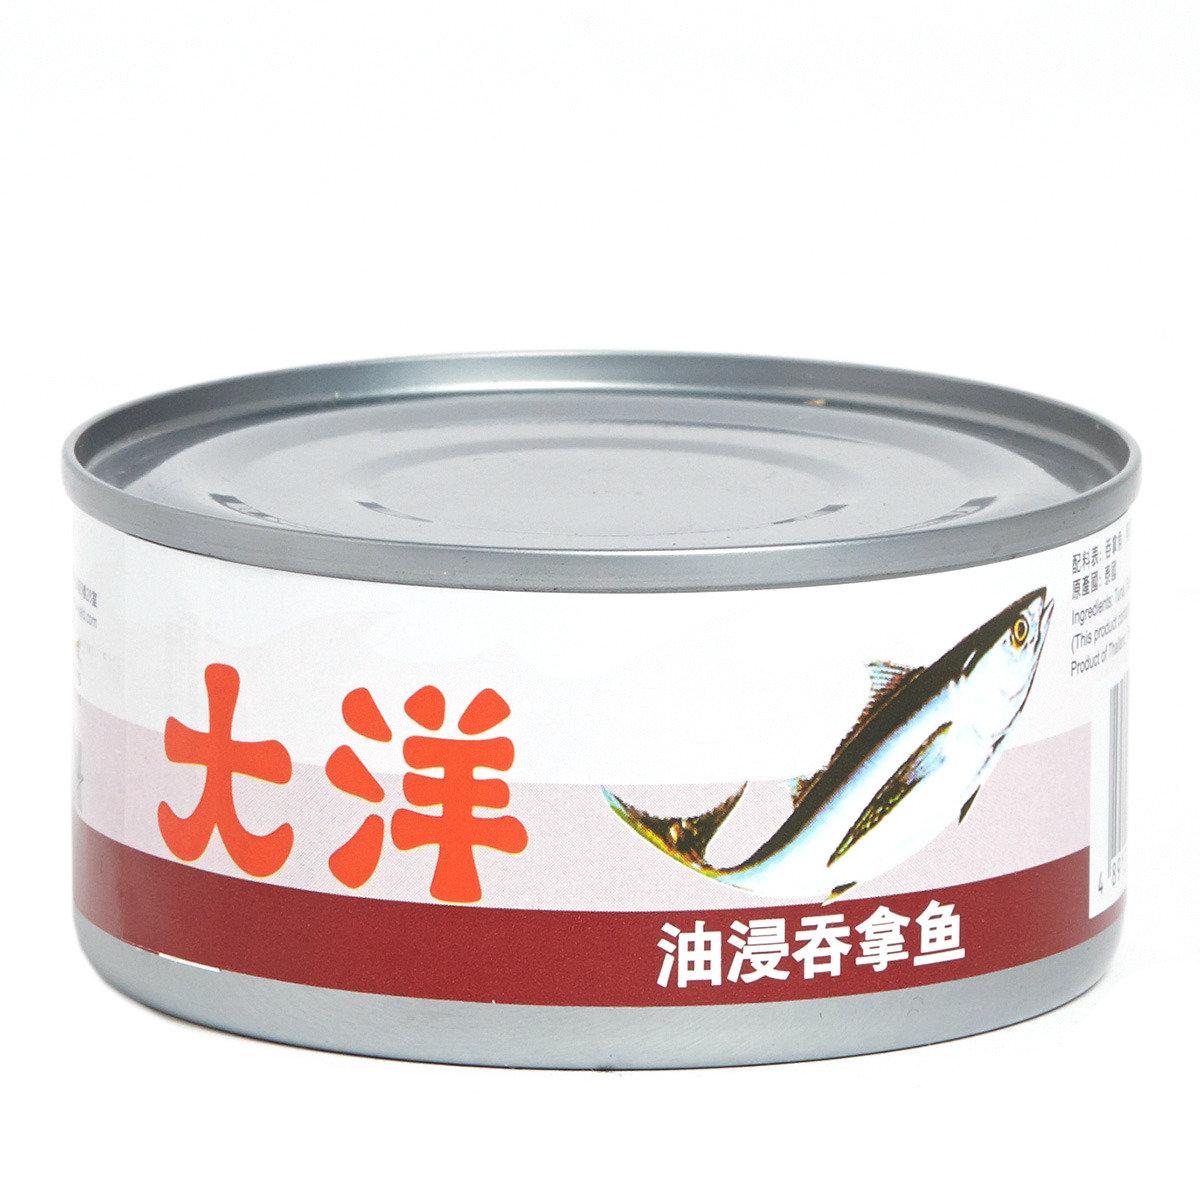 植物油浸吞拿魚 (碎)